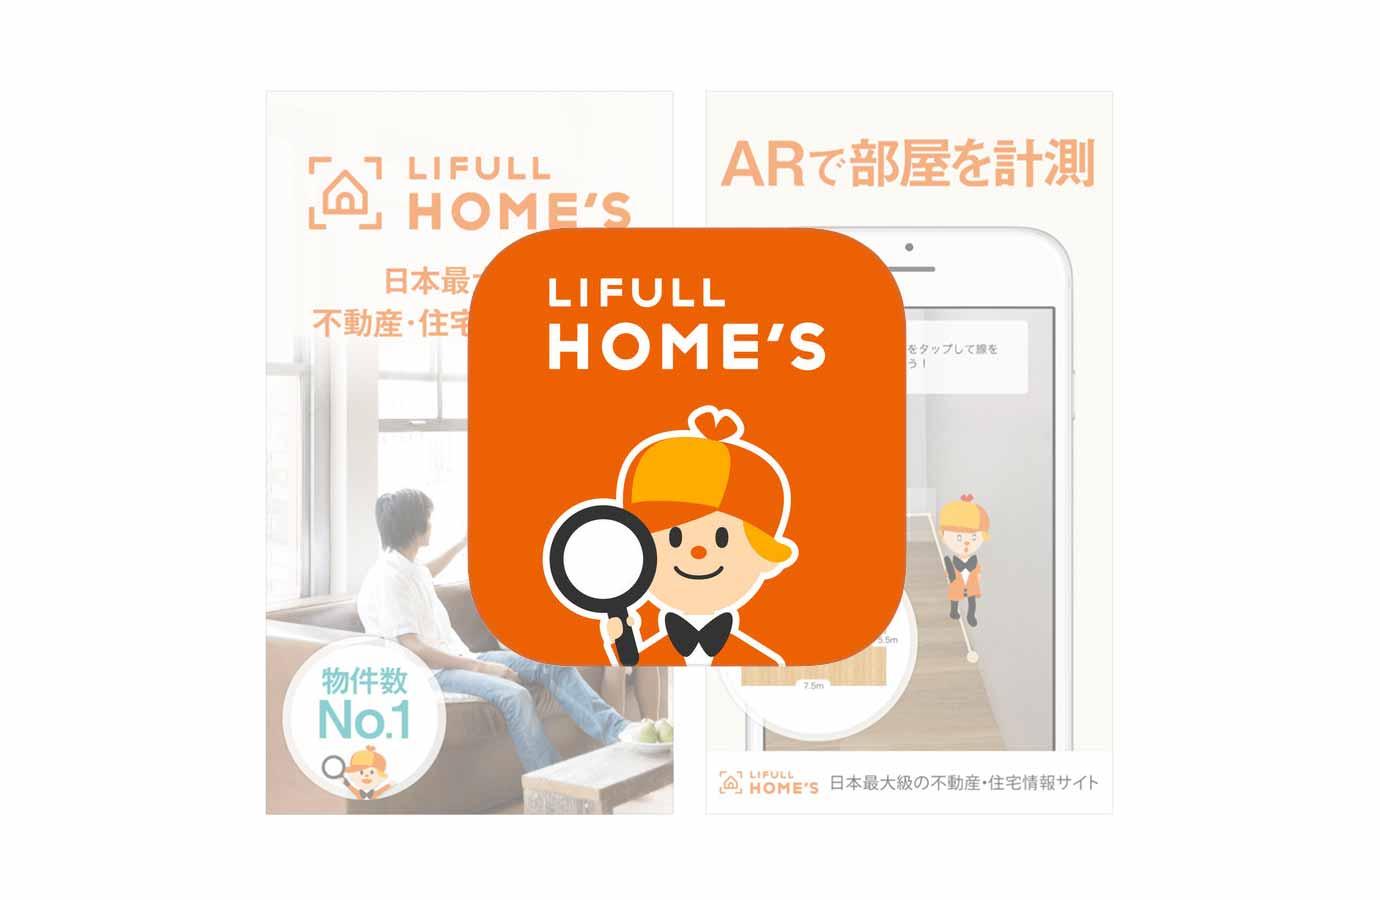 LIFULL、「iOS 11」に対応しARで部屋の壁の長さが計測できる不動産情報アプリ「LIFULL HOME'S(ライフルホームズ) 3.13.0」リリース